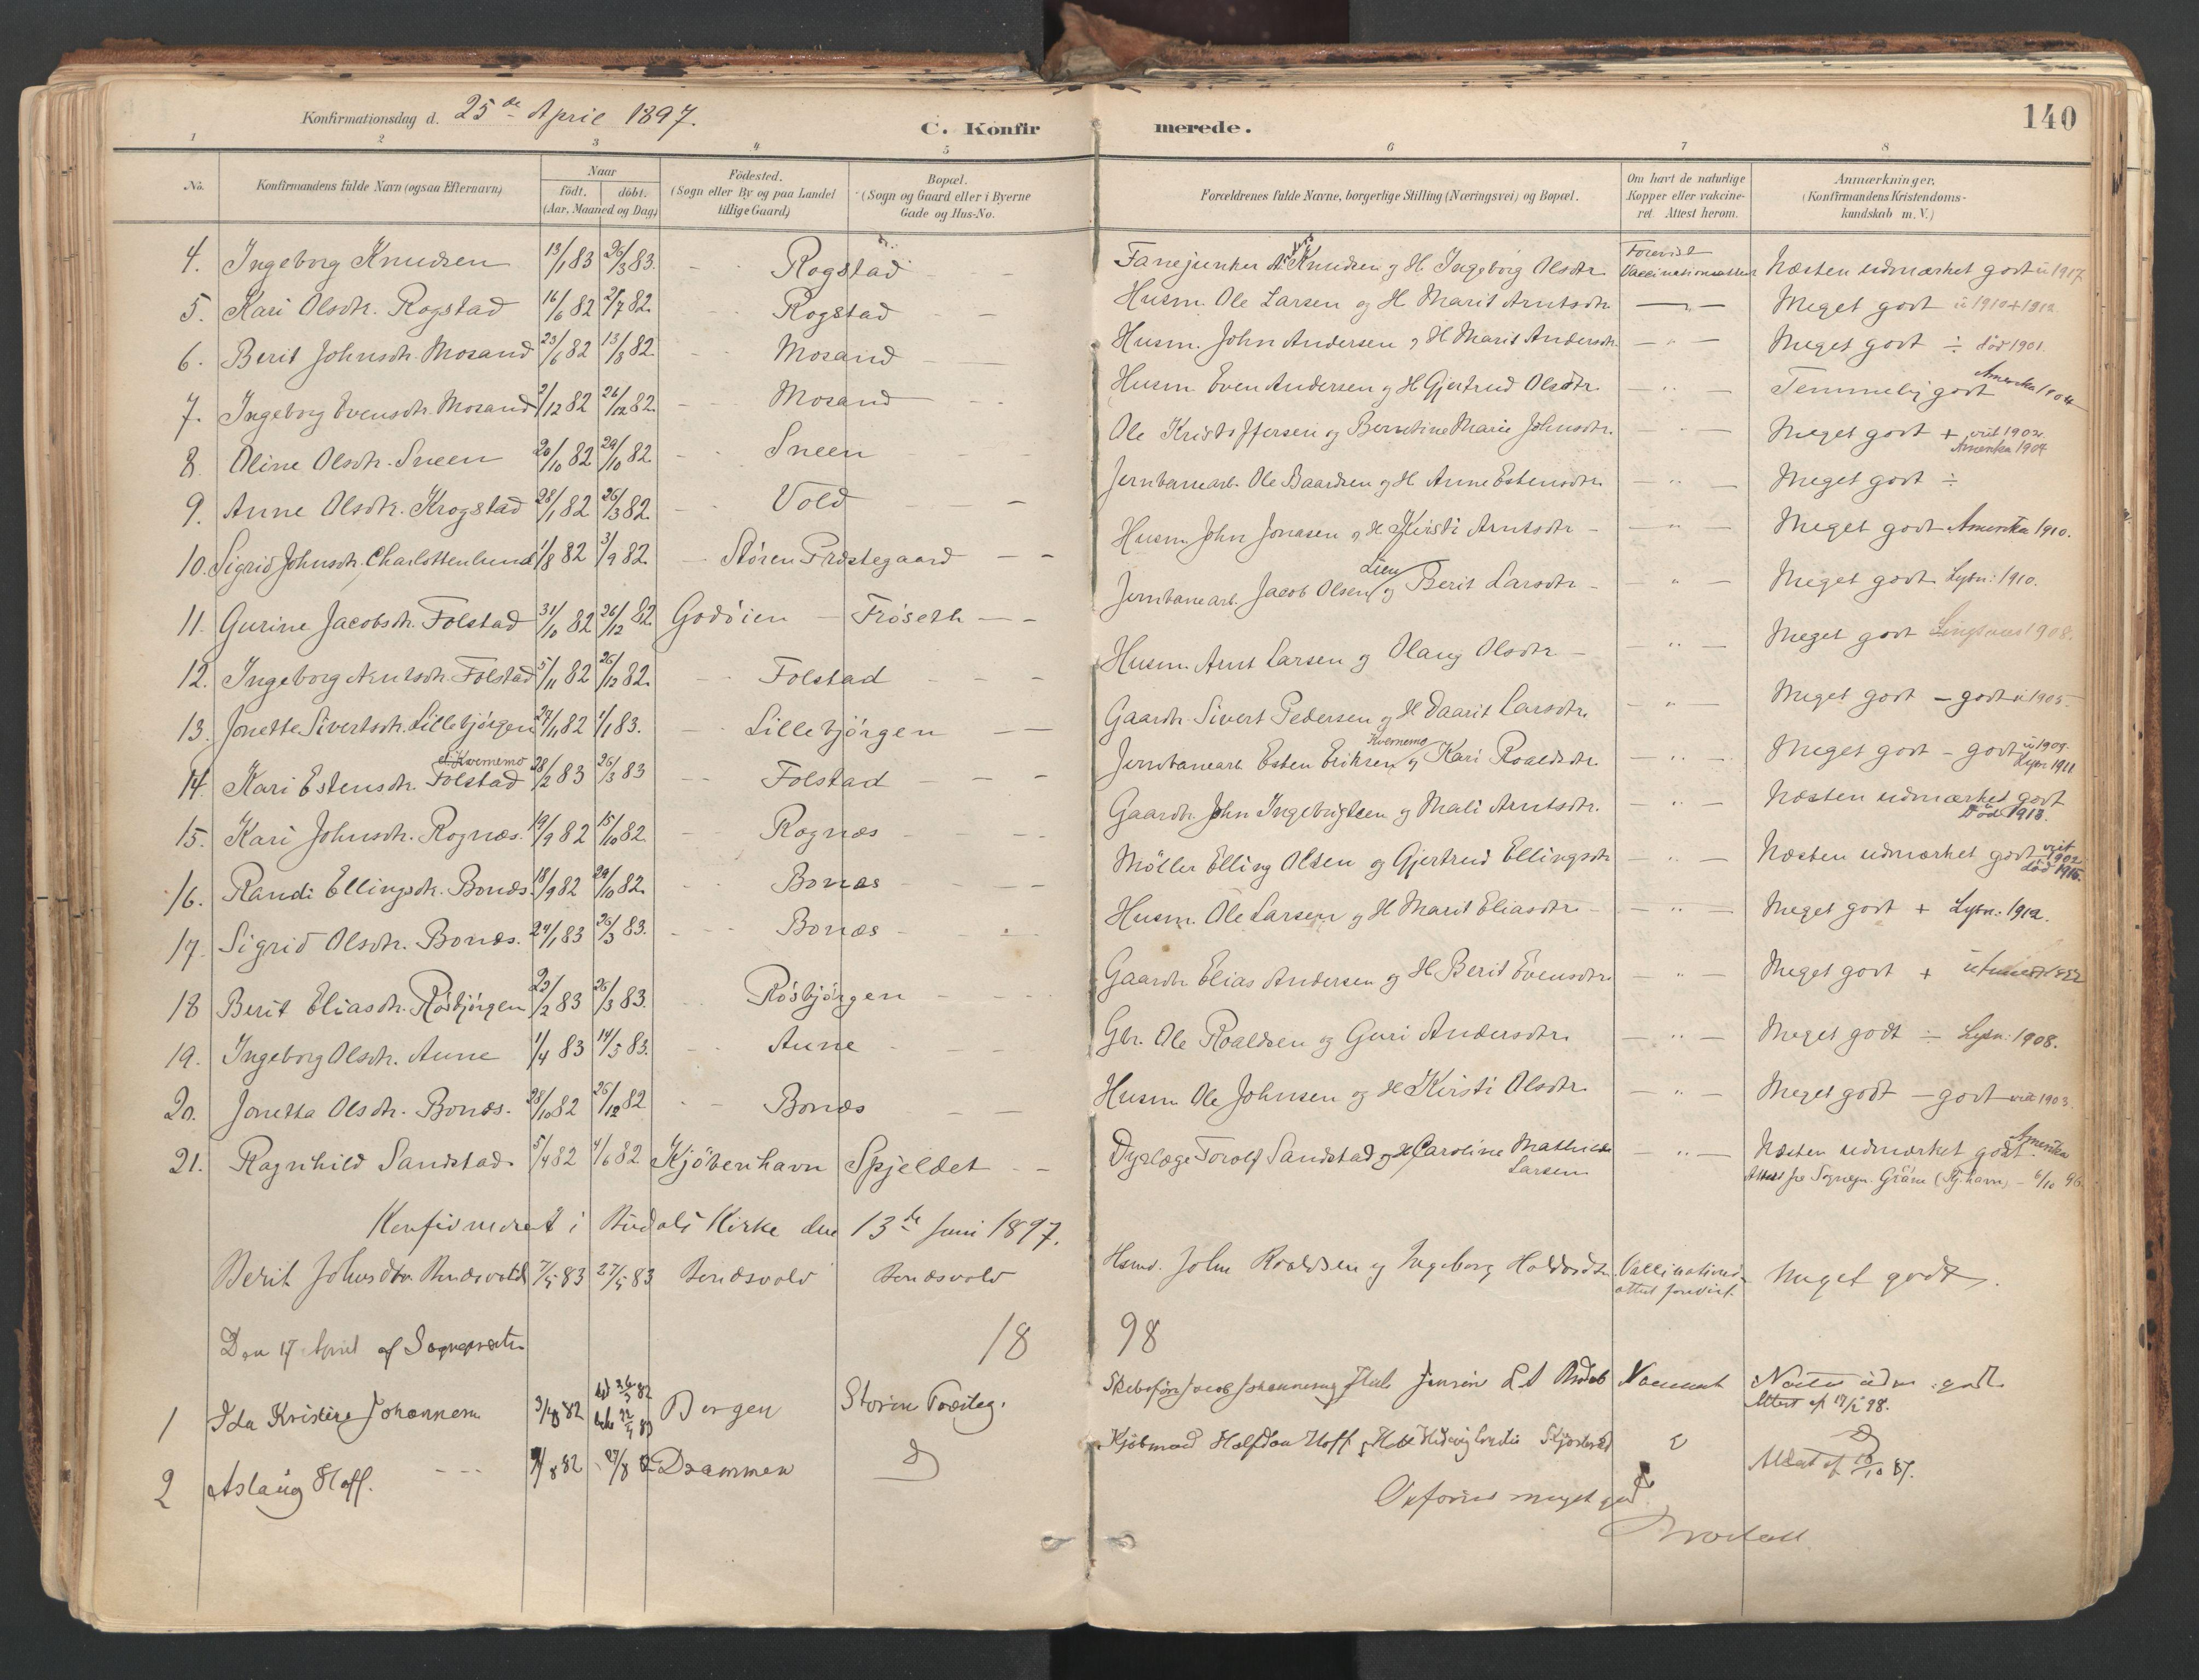 SAT, Ministerialprotokoller, klokkerbøker og fødselsregistre - Sør-Trøndelag, 687/L1004: Ministerialbok nr. 687A10, 1891-1923, s. 140